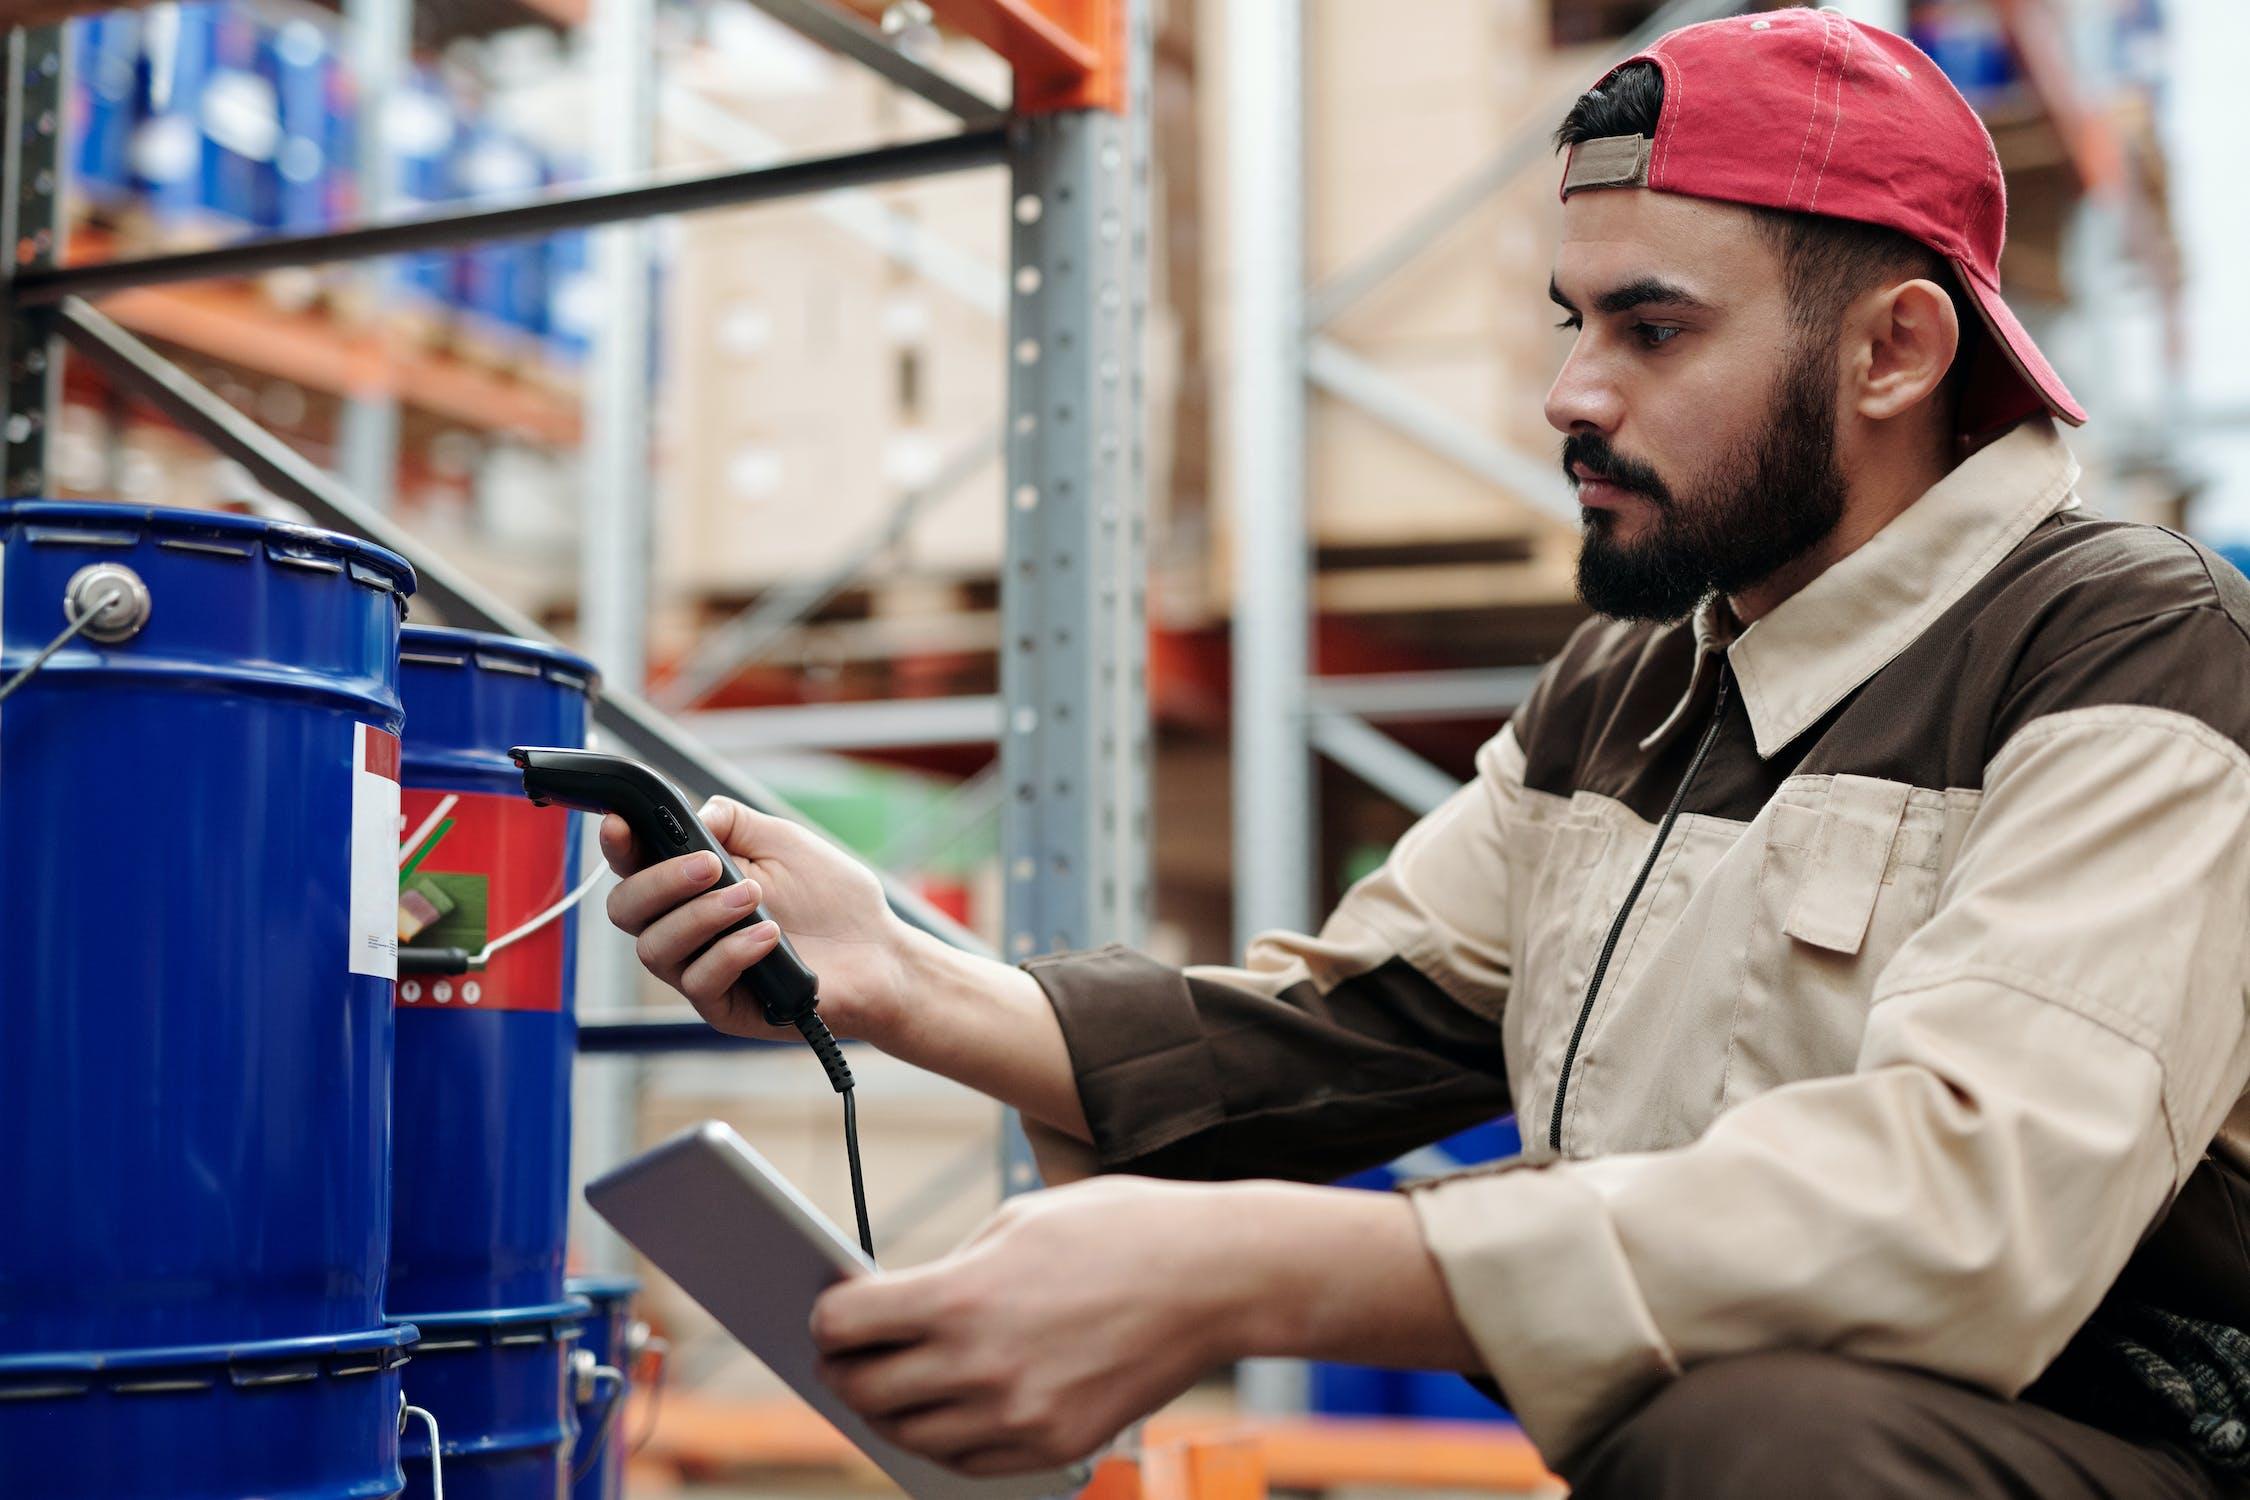 什么是电子面单?他们对电商运营有什么影响?